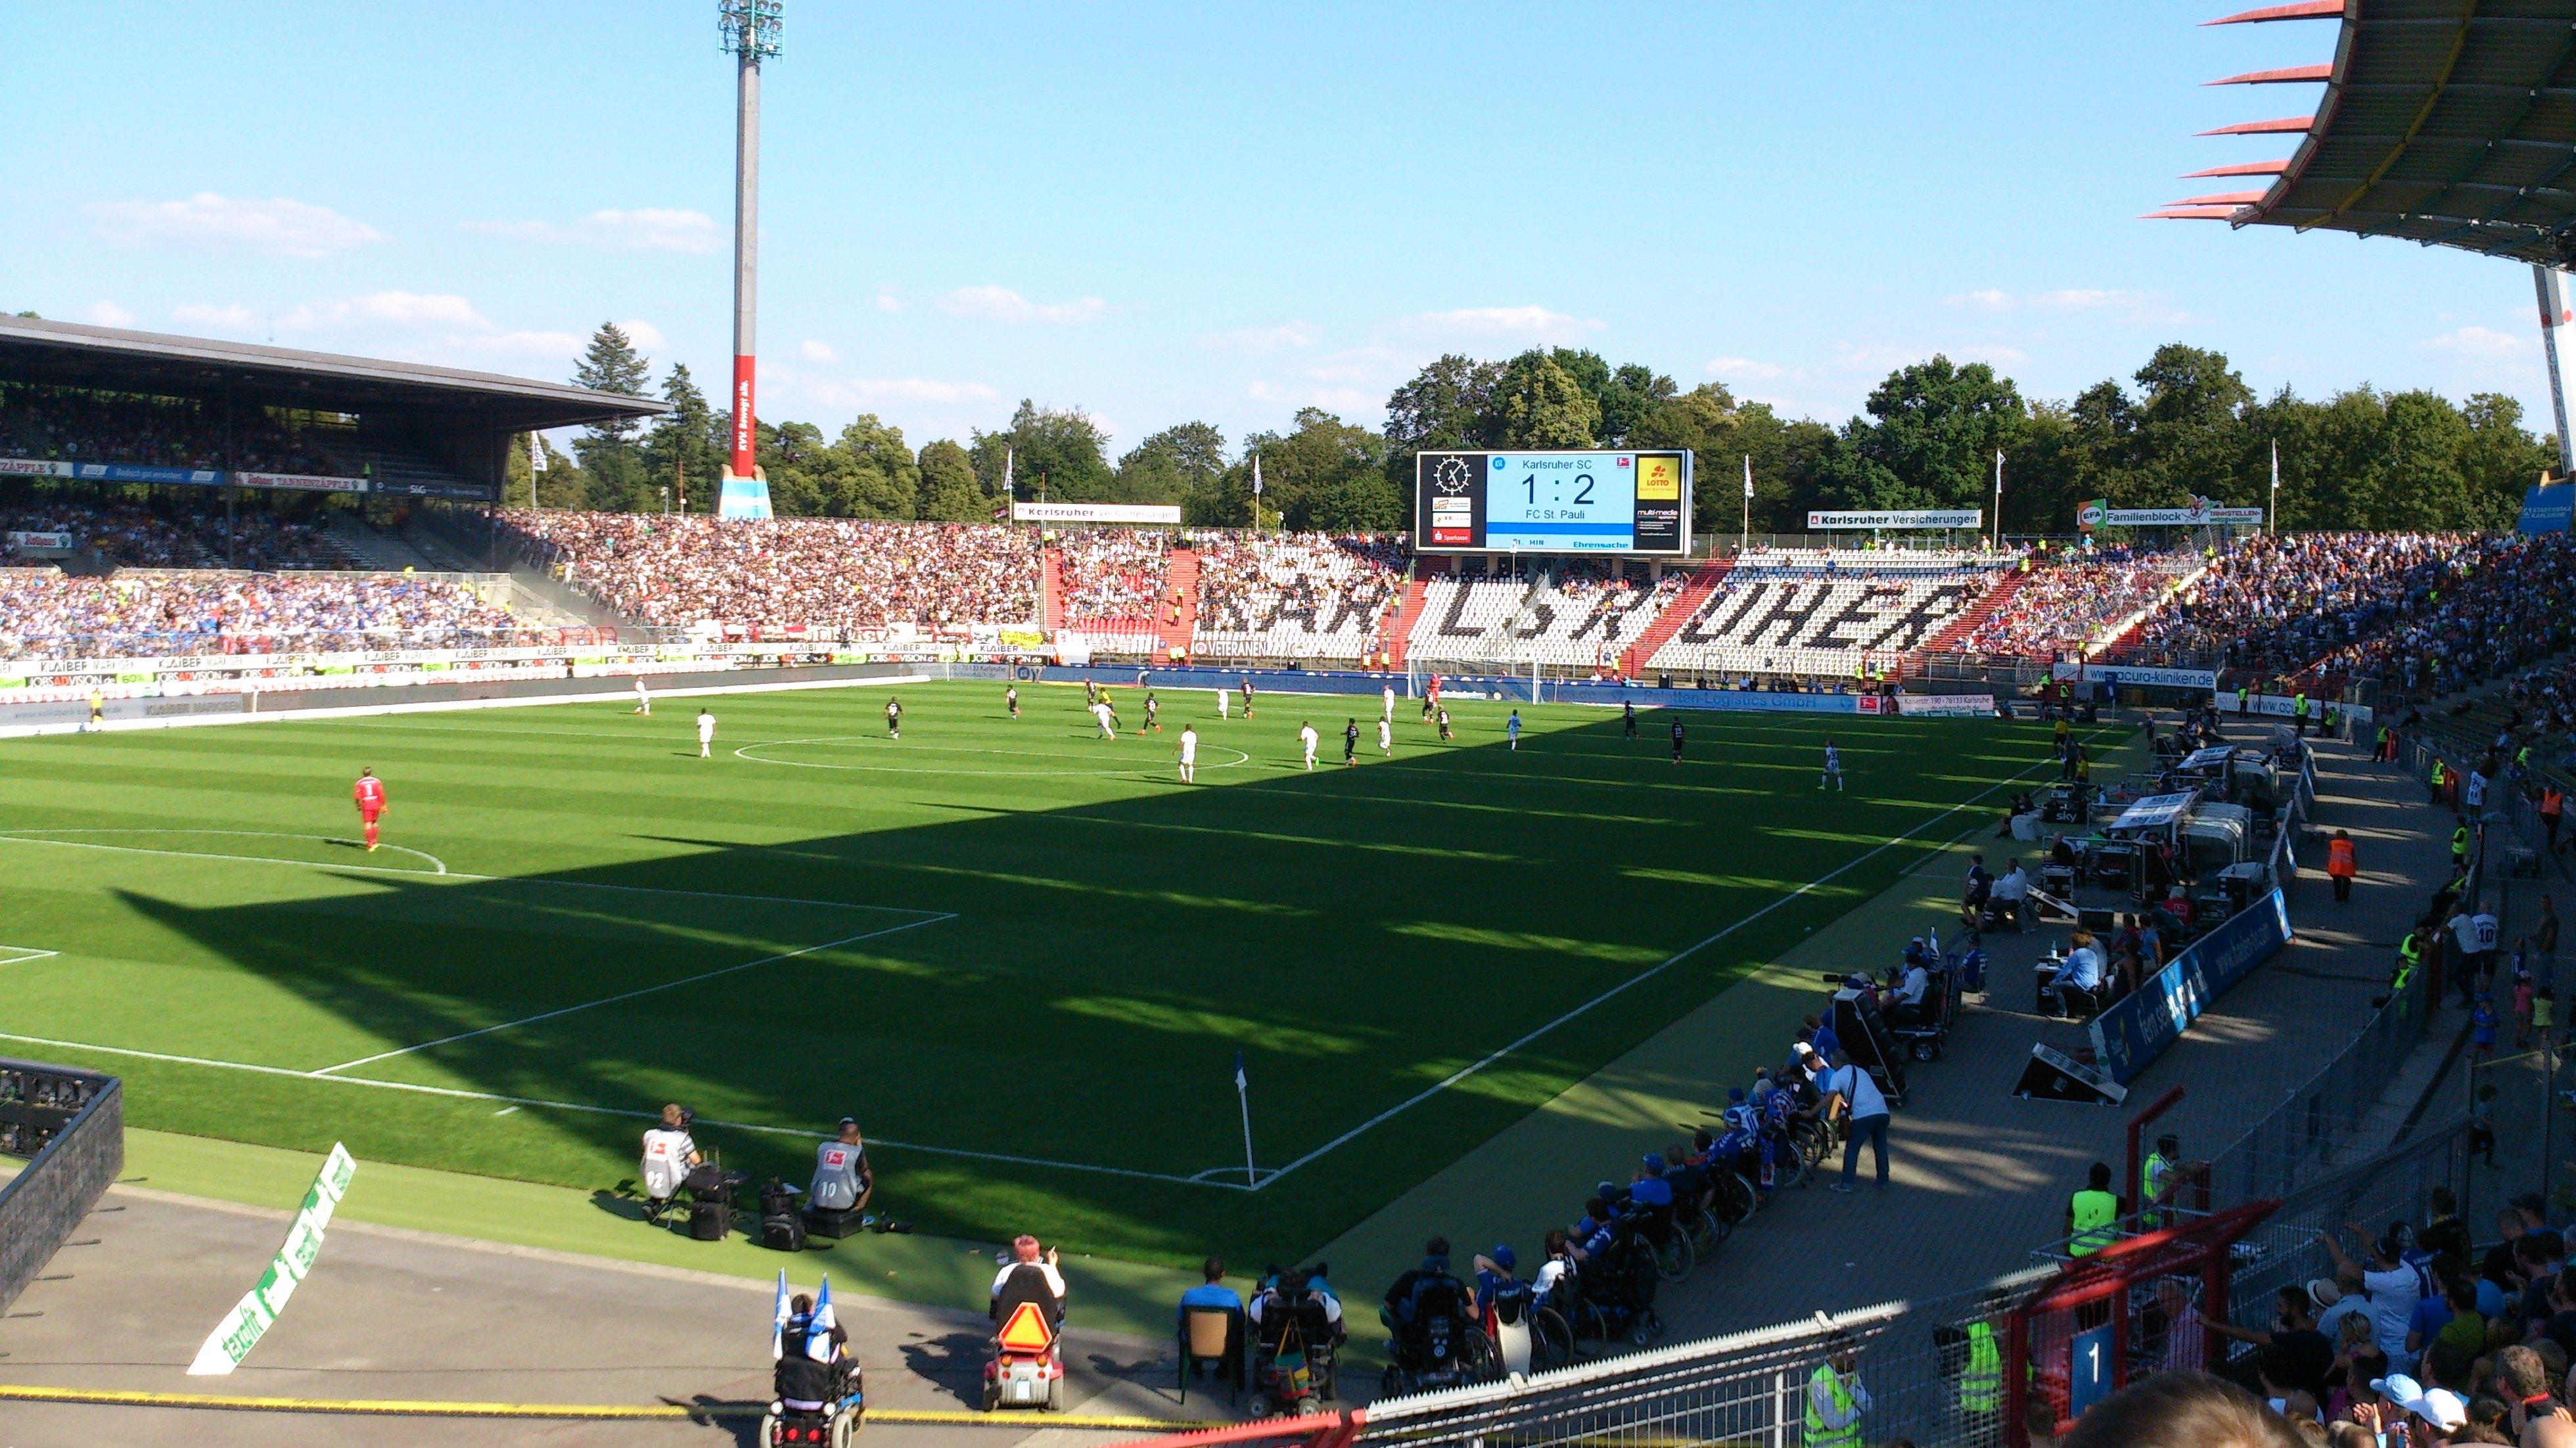 Spielsituation im Millerntor Stadion